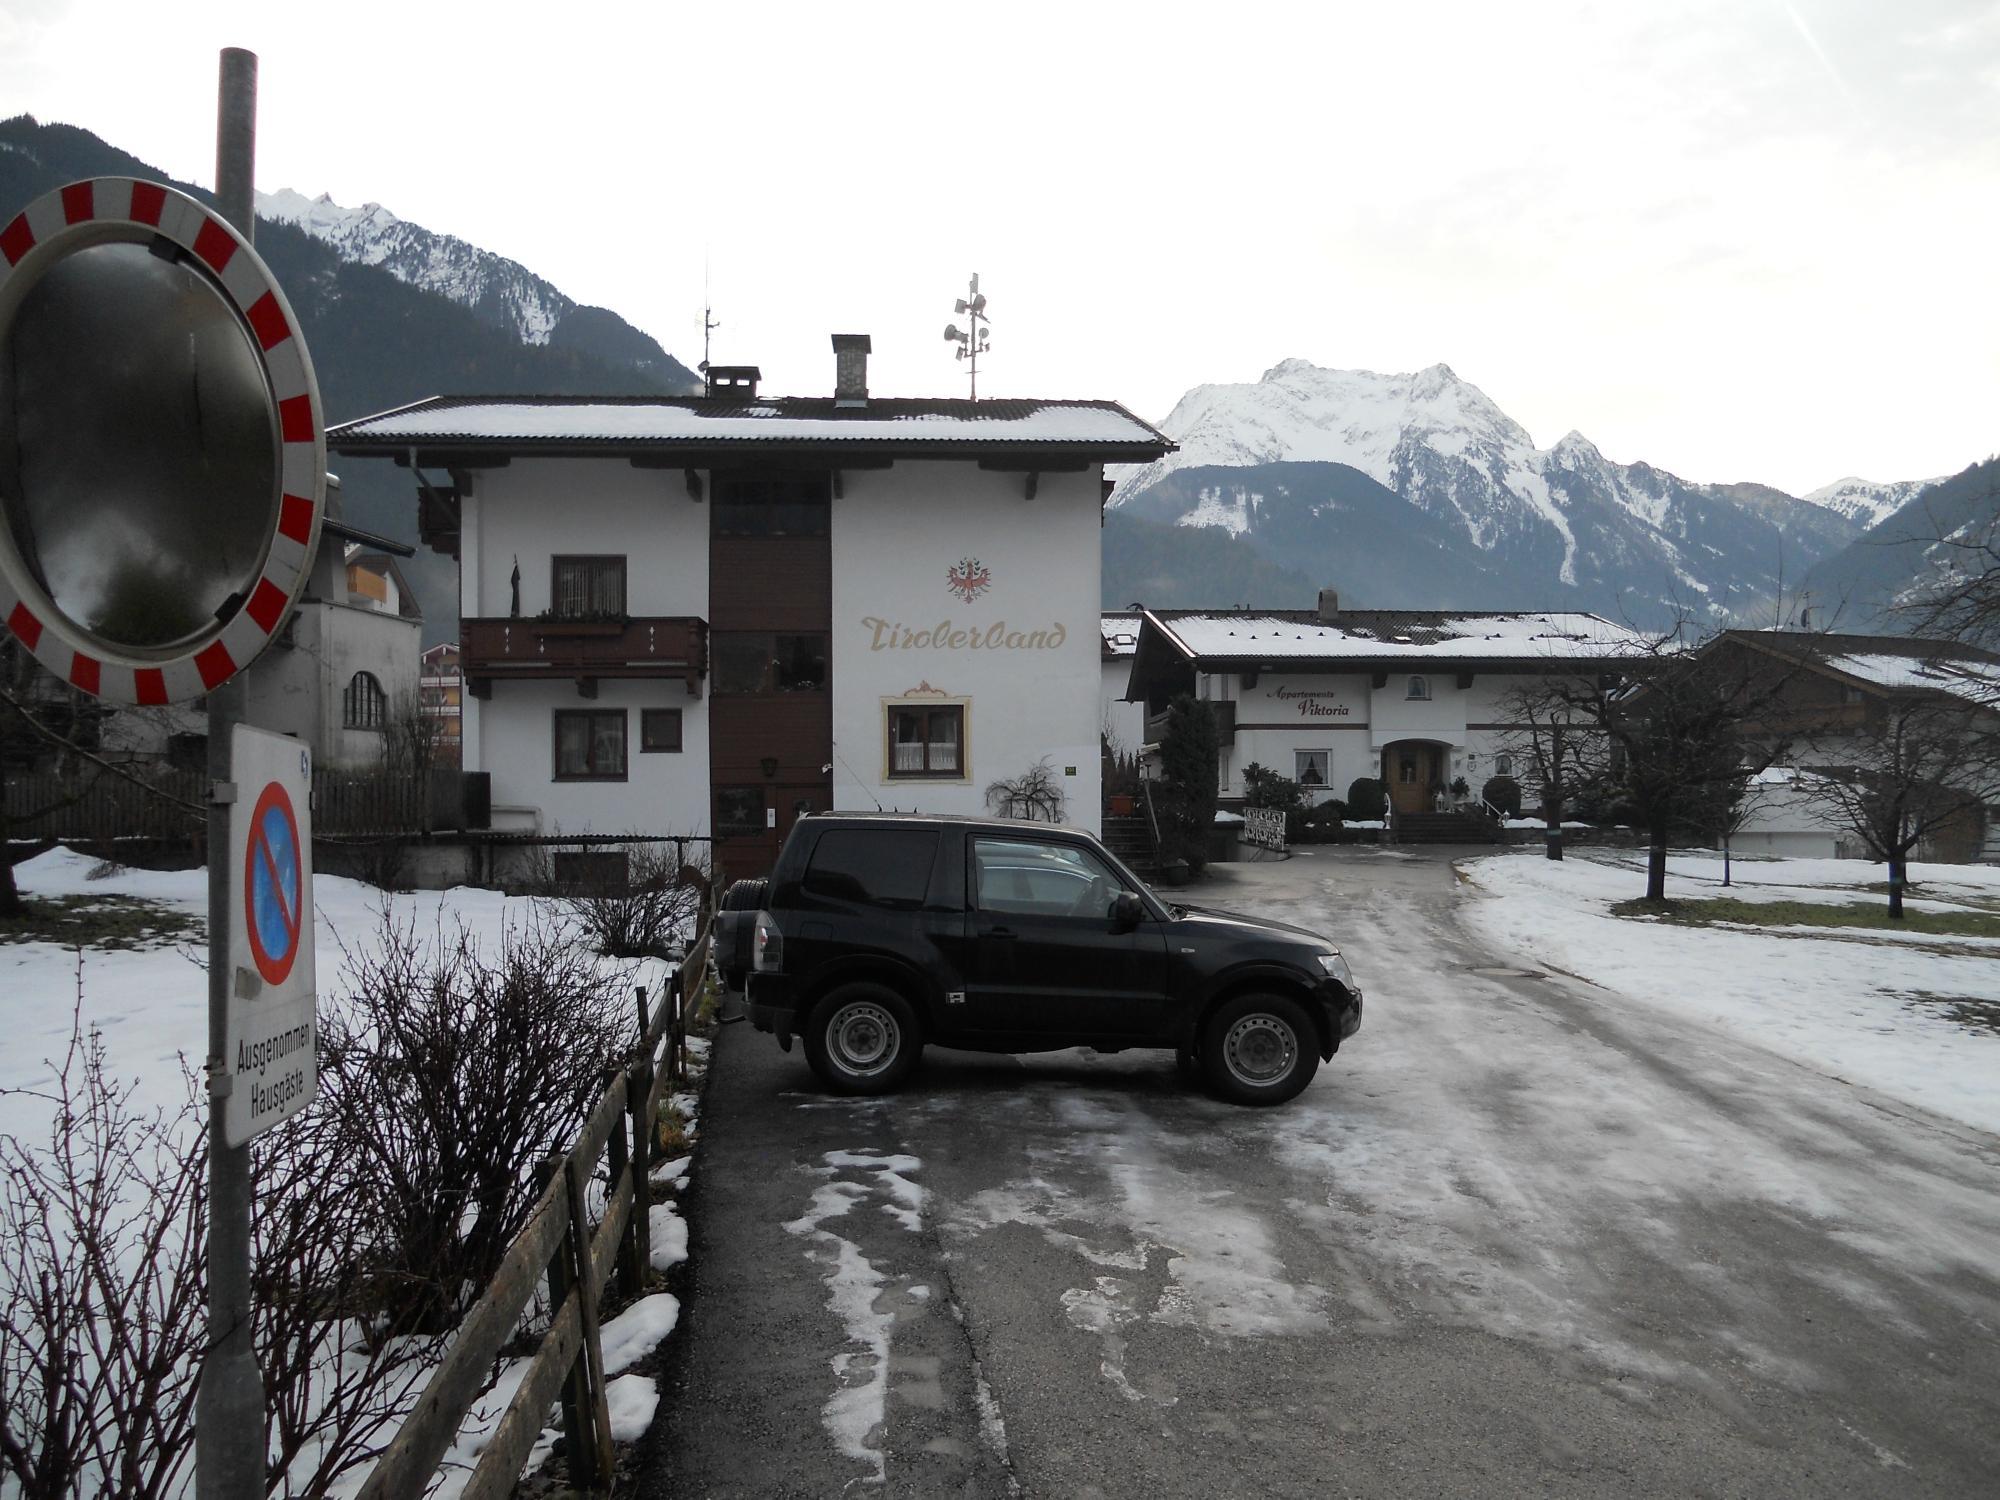 Haus Tirolerland